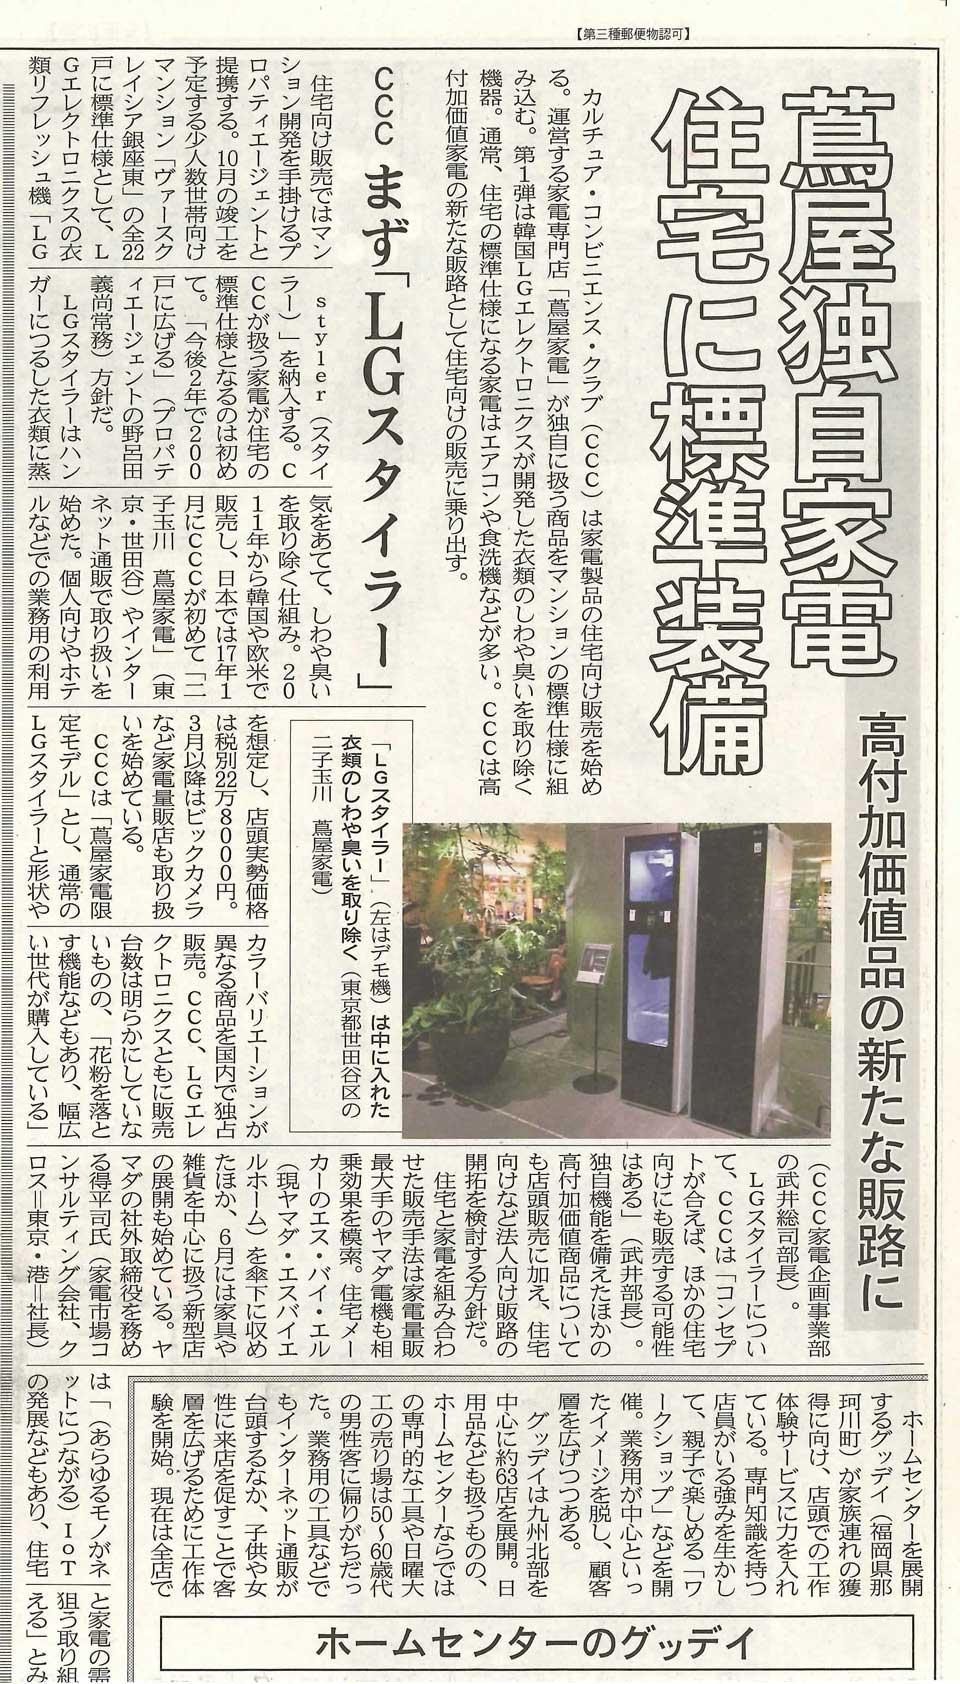 日経MJに弊社代表、得平 司の取材記事が掲載されました